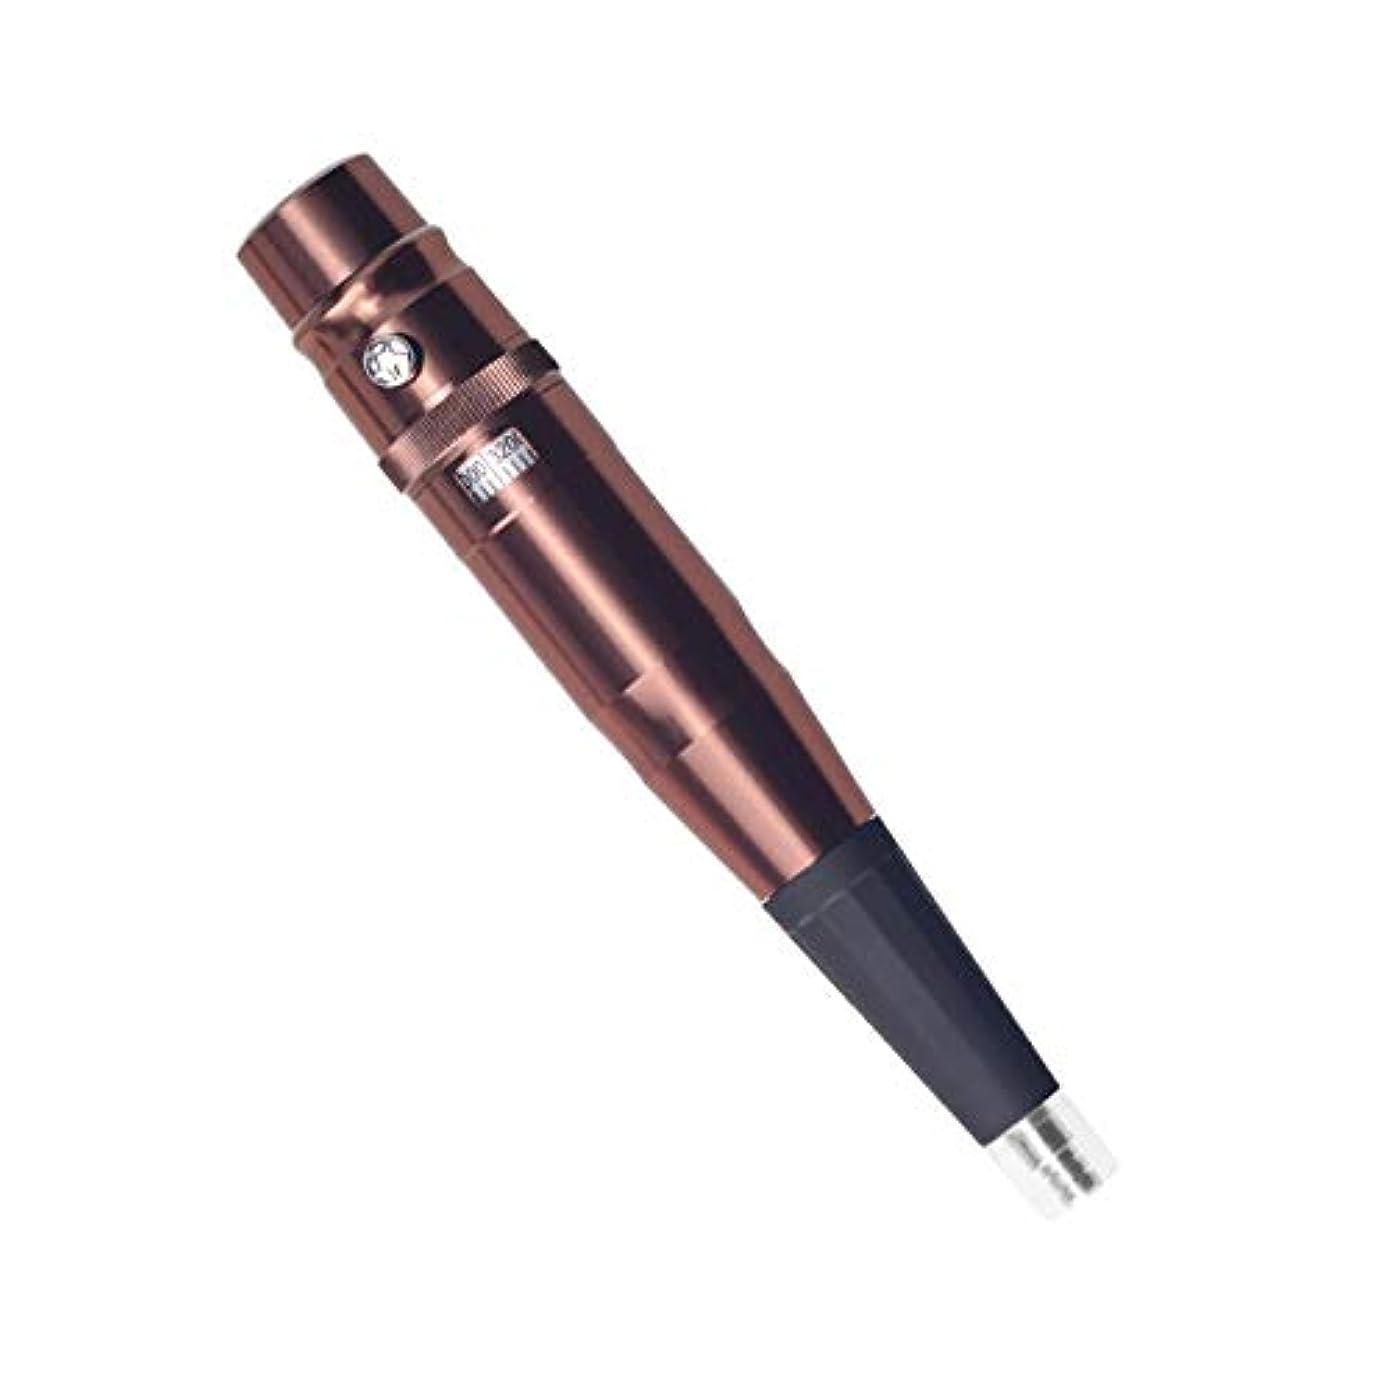 キー砂漠スペイン眉毛ペンシルリップライナータトゥーペンタトゥーパーマネントメイクアップアイブロウペンシルアイブロウメイクアップリップパターンマシン電動ペン銃,Brown